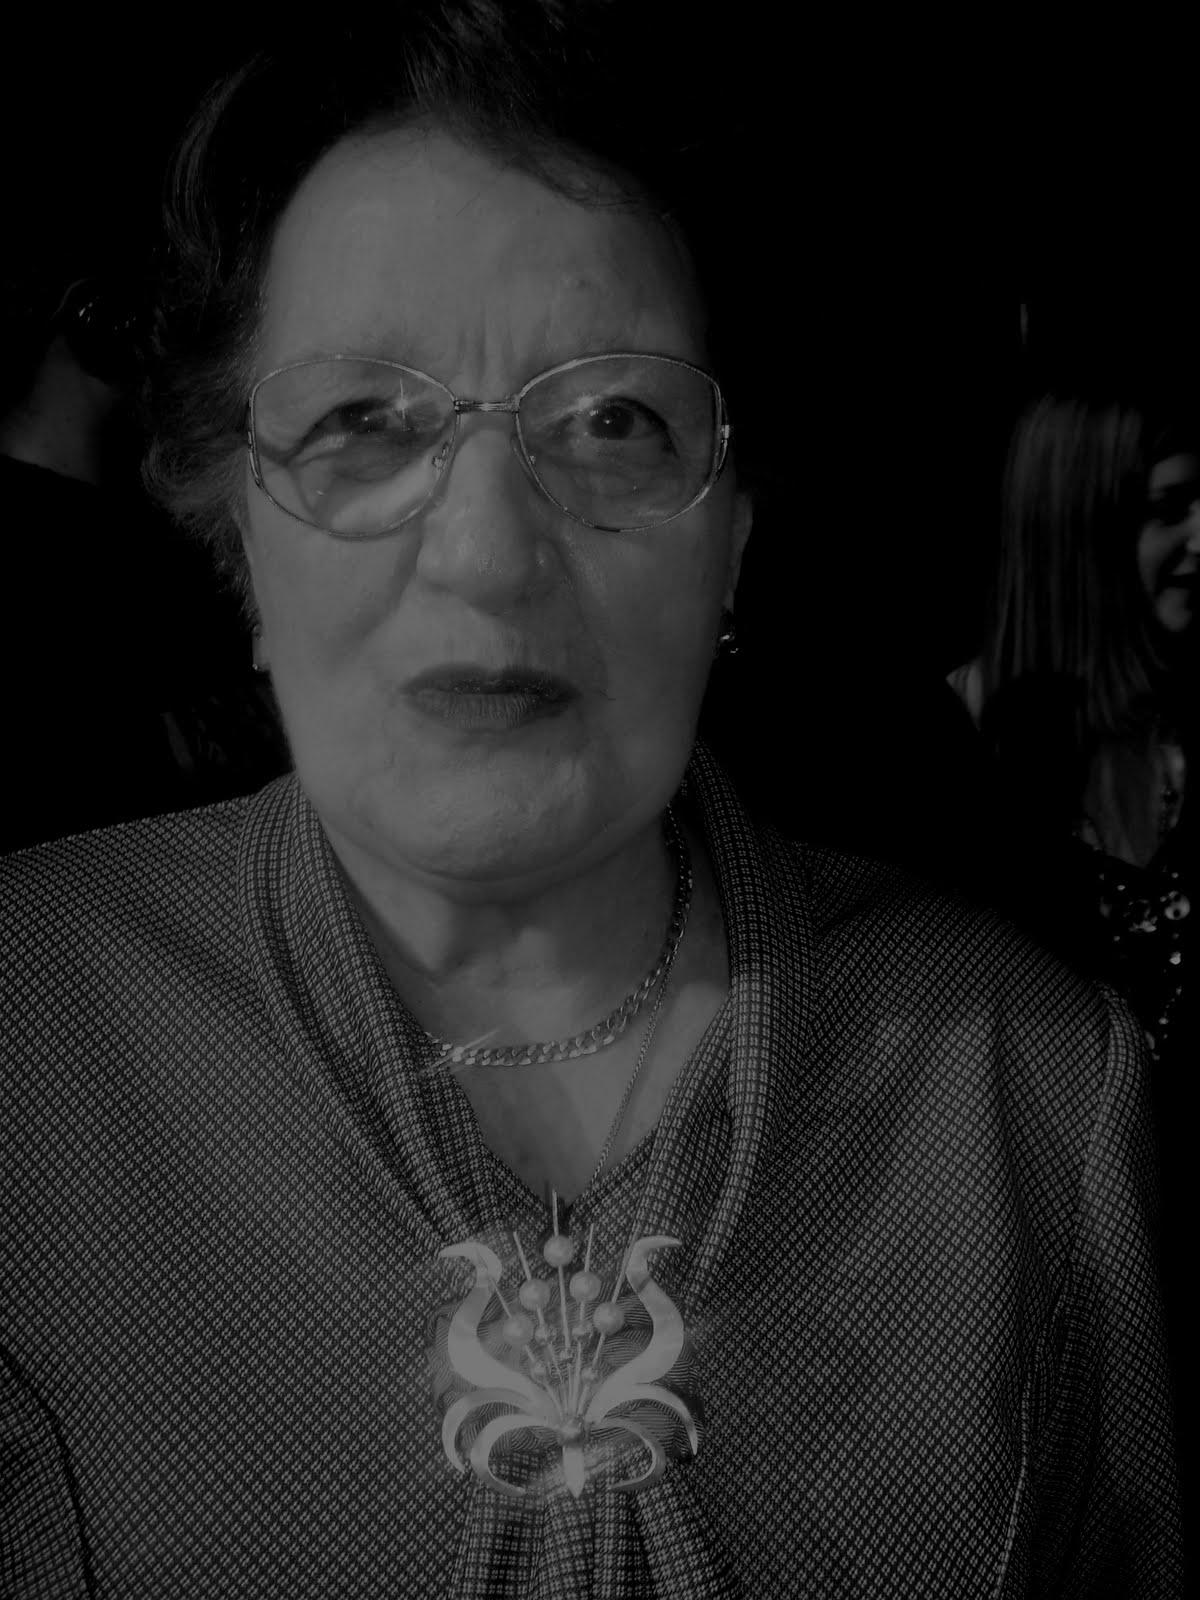 Nicoletta braschi amp il piccolo diavolo 1988 italy 2 - 3 8